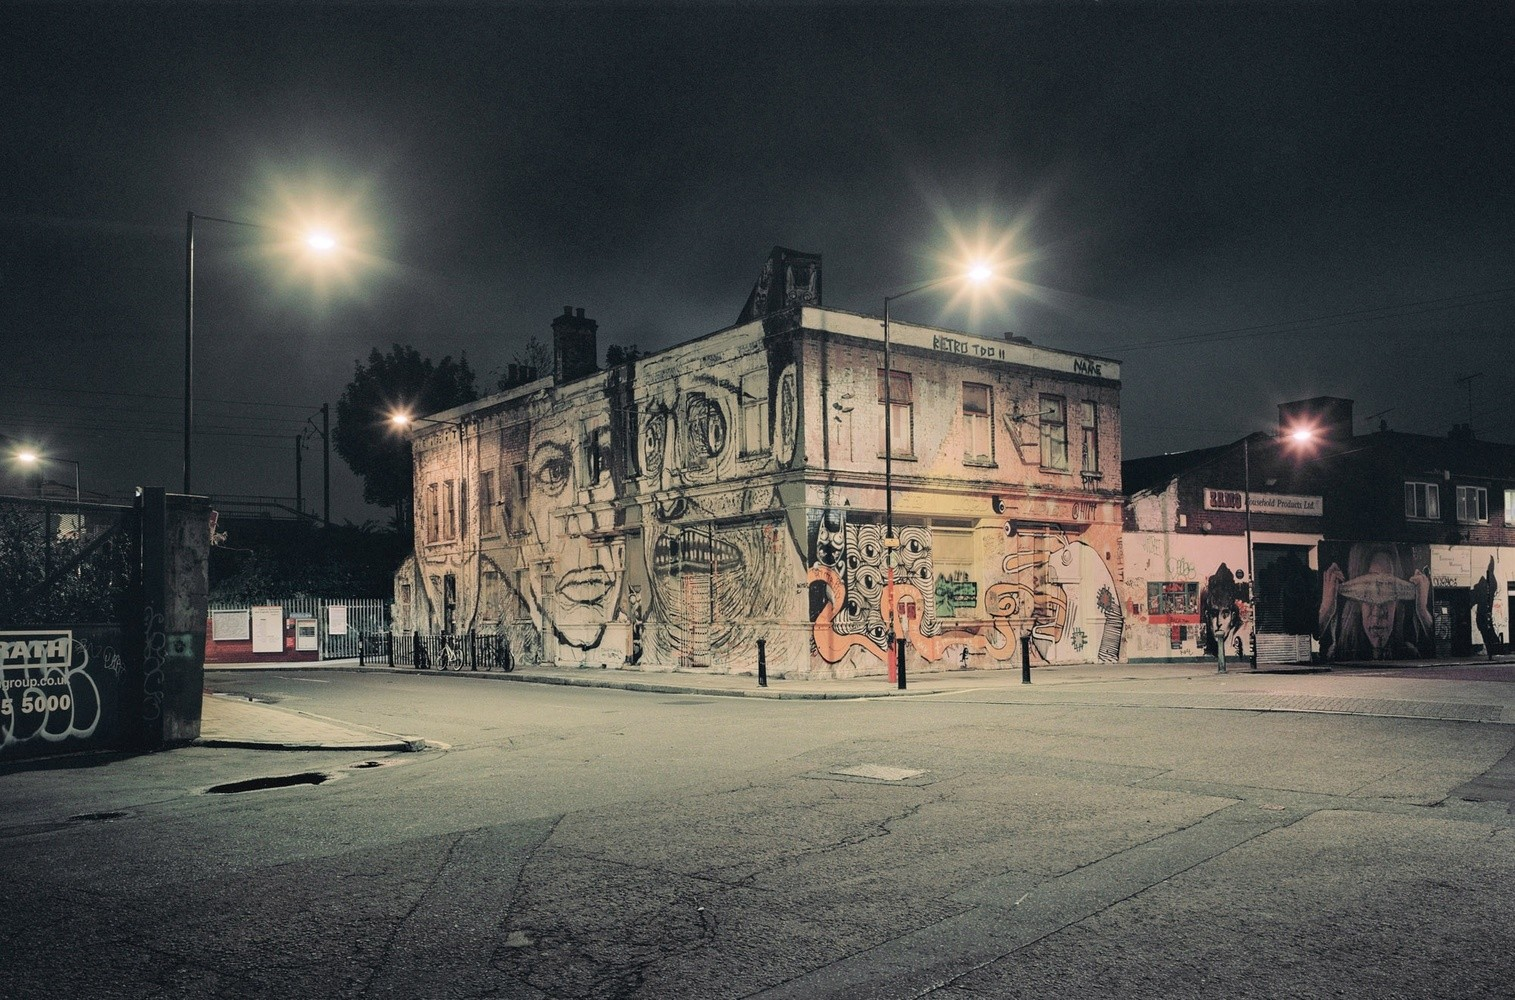 Photographer Sebastian Nevols Joins ATRBUTE